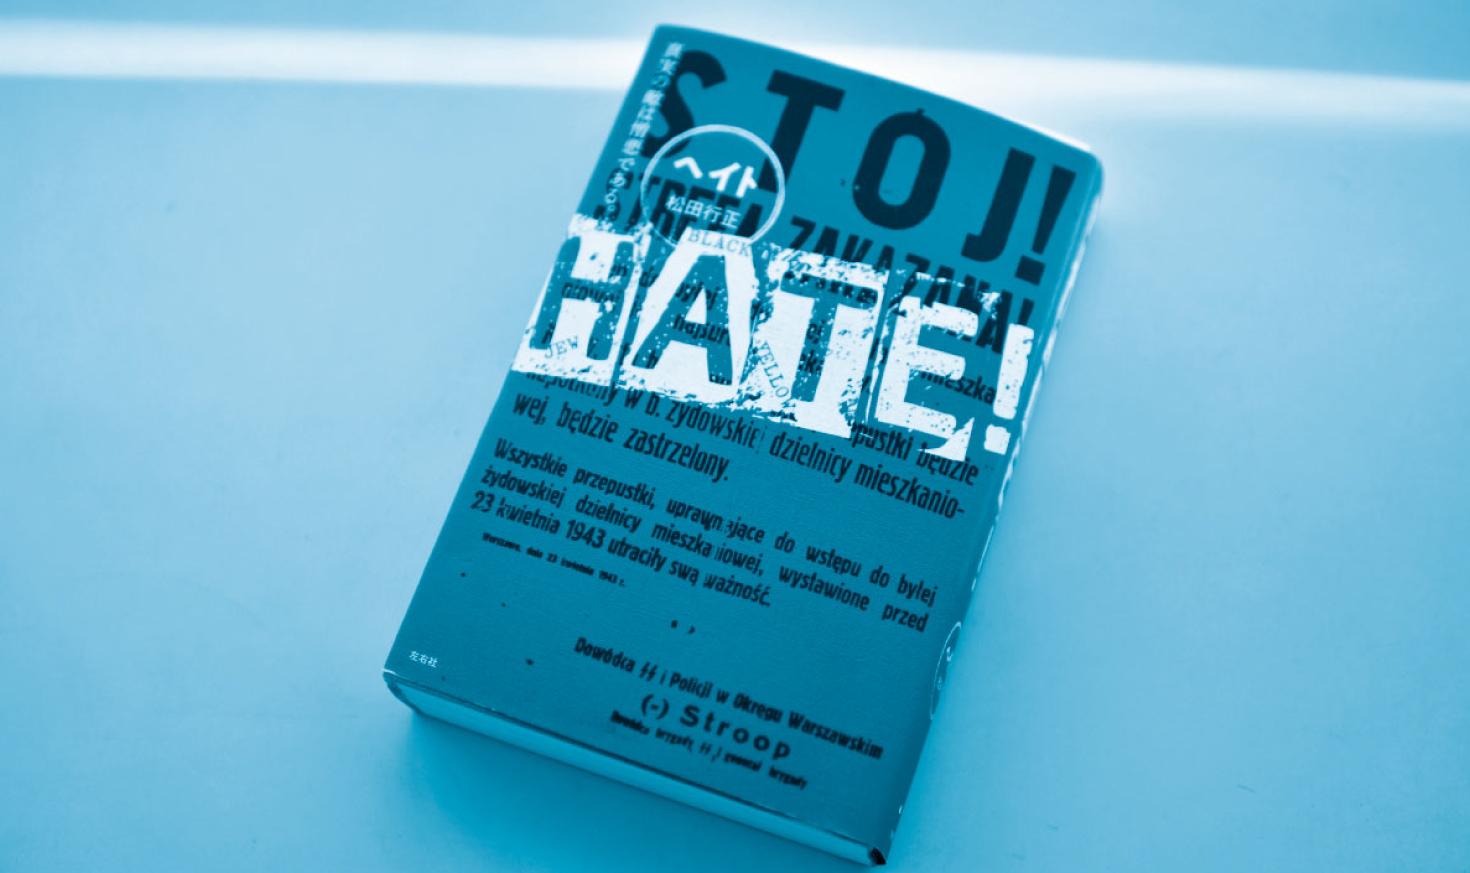 『HATE! 真実の敵は憎悪である。』  モノローグ|語りかけてくるモノを見つめて vol.9